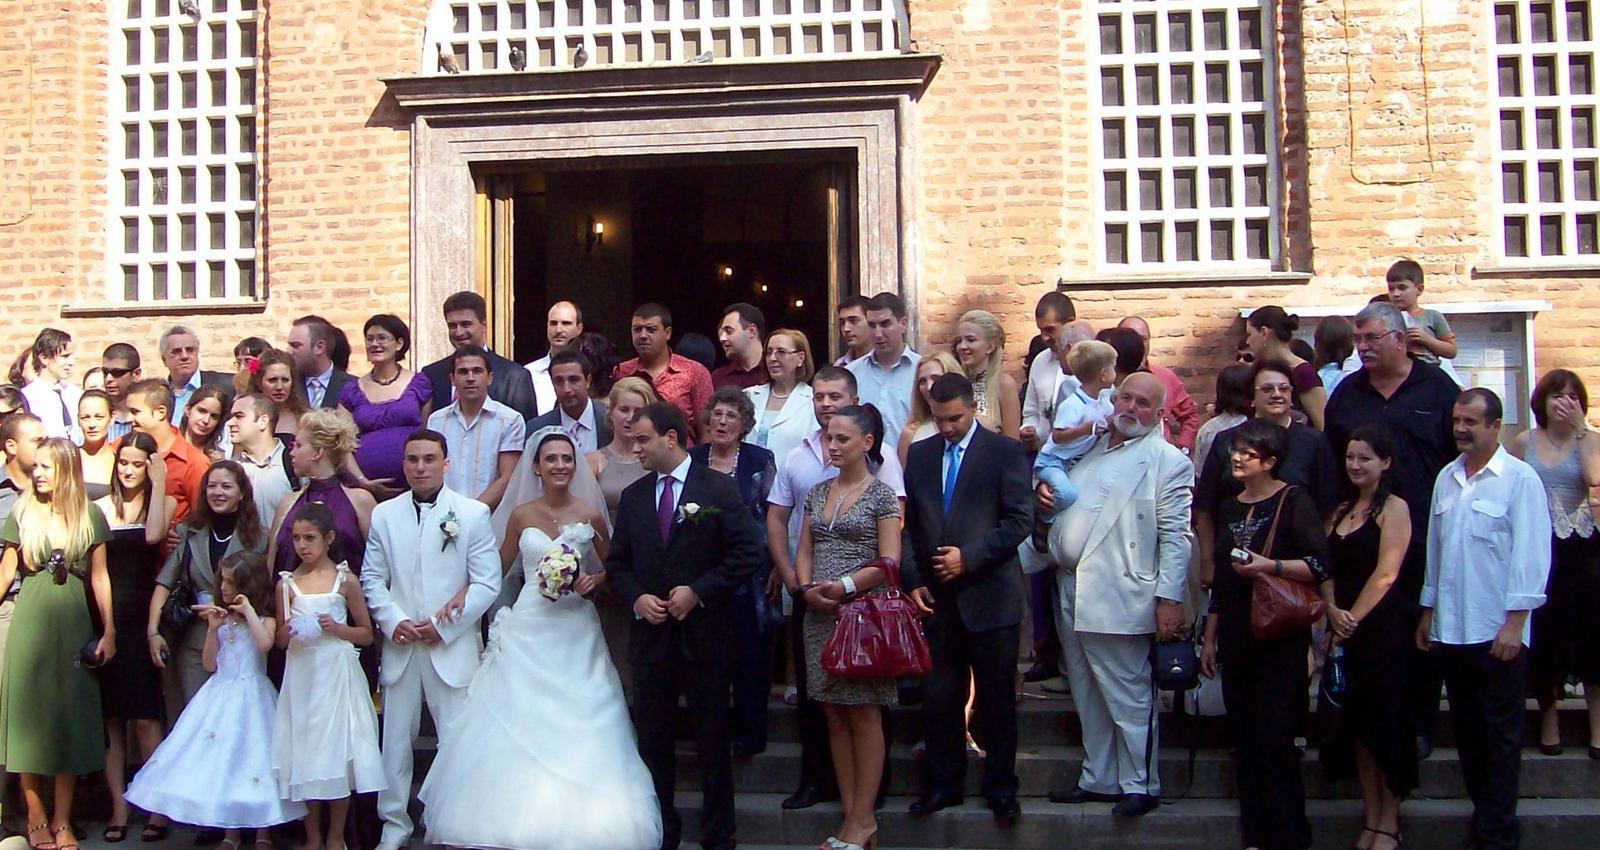 Hochzeitsgesellschaft vor der Sophienkirche in Sofia